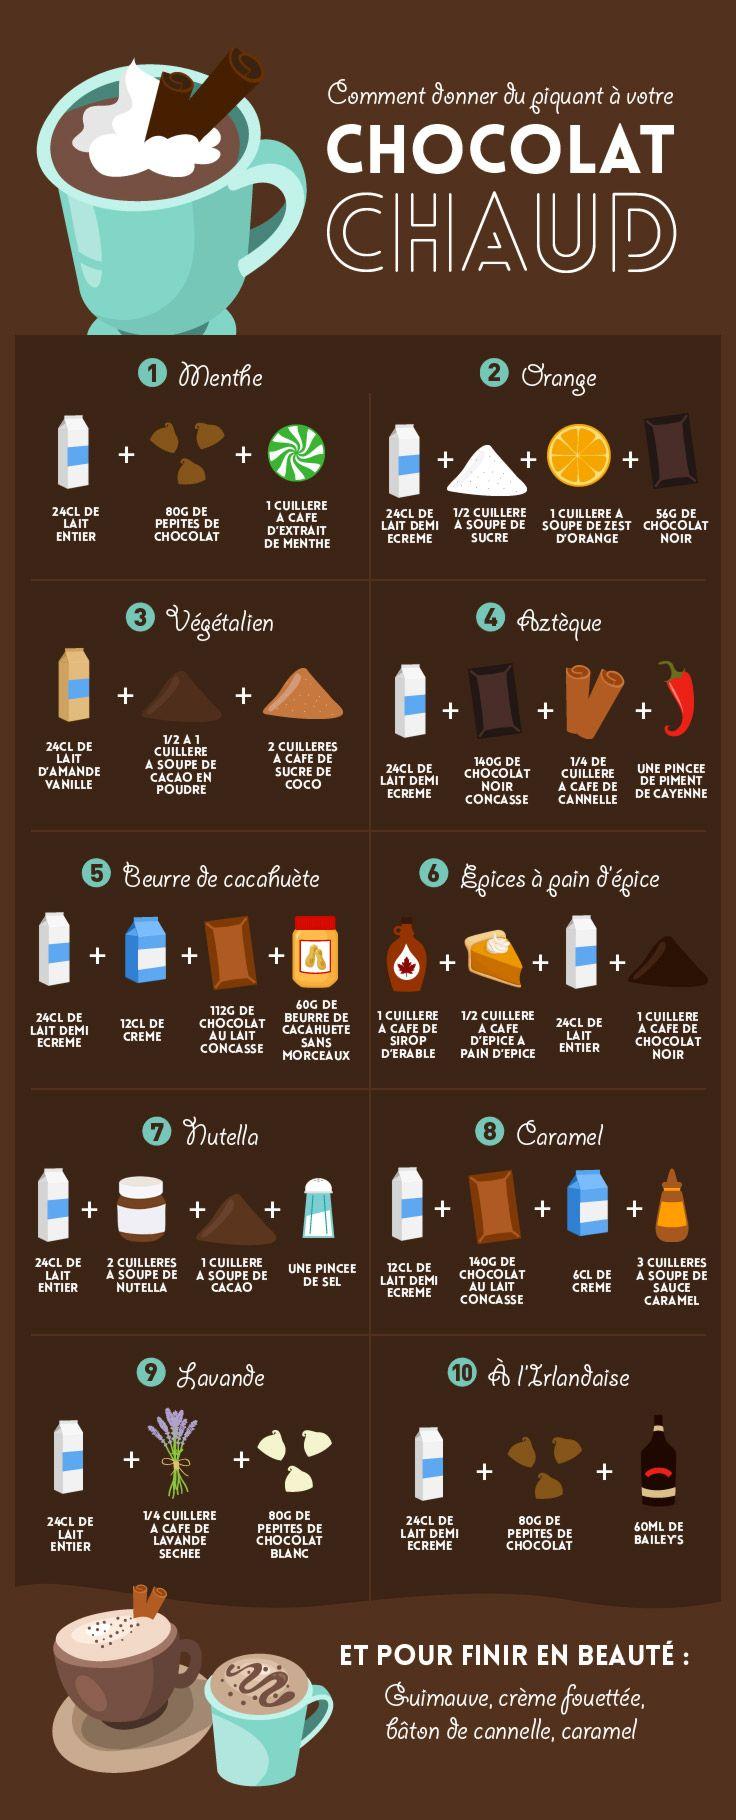 Comment créer le chocolat chaud le plus réconfortant du monde ? - Confidentielles